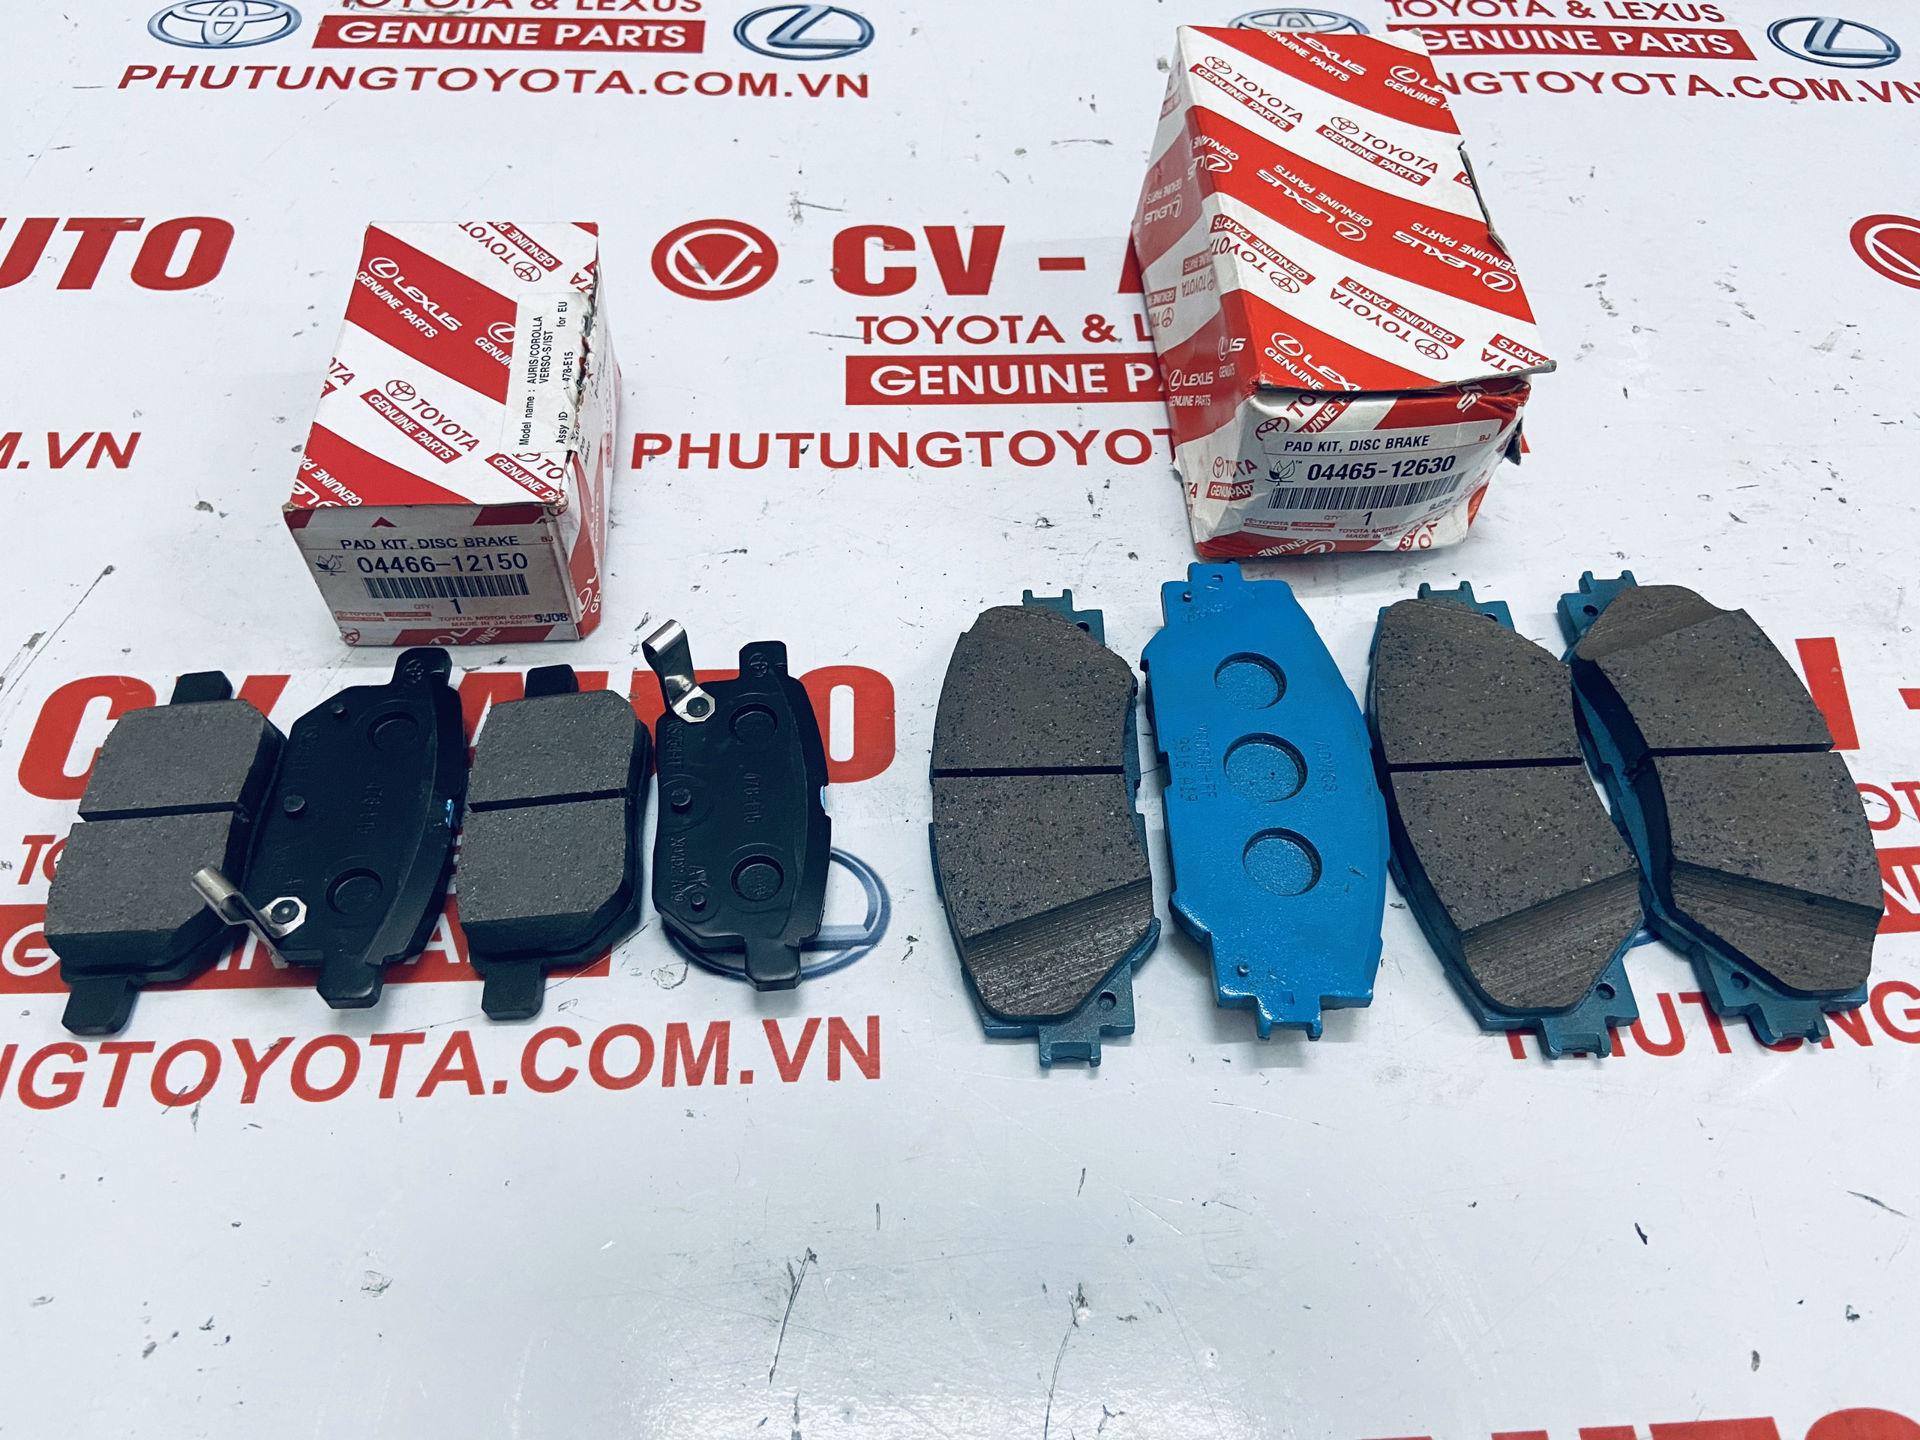 Picture of 04466-12150 Má phanh Toyota Vios, Altis 2008-2018 hàng chính hãng